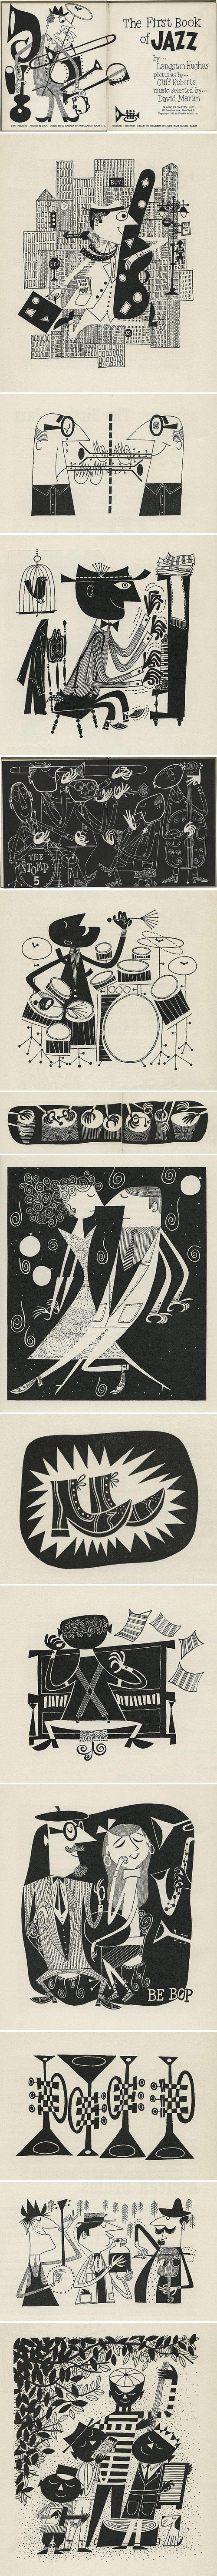 """Book: Ilustraciones por Cliff Roberts de """"El primer libro de Jazz"""" de Langston Hughes, 1955 http://www.srtajara.com/page/141/"""